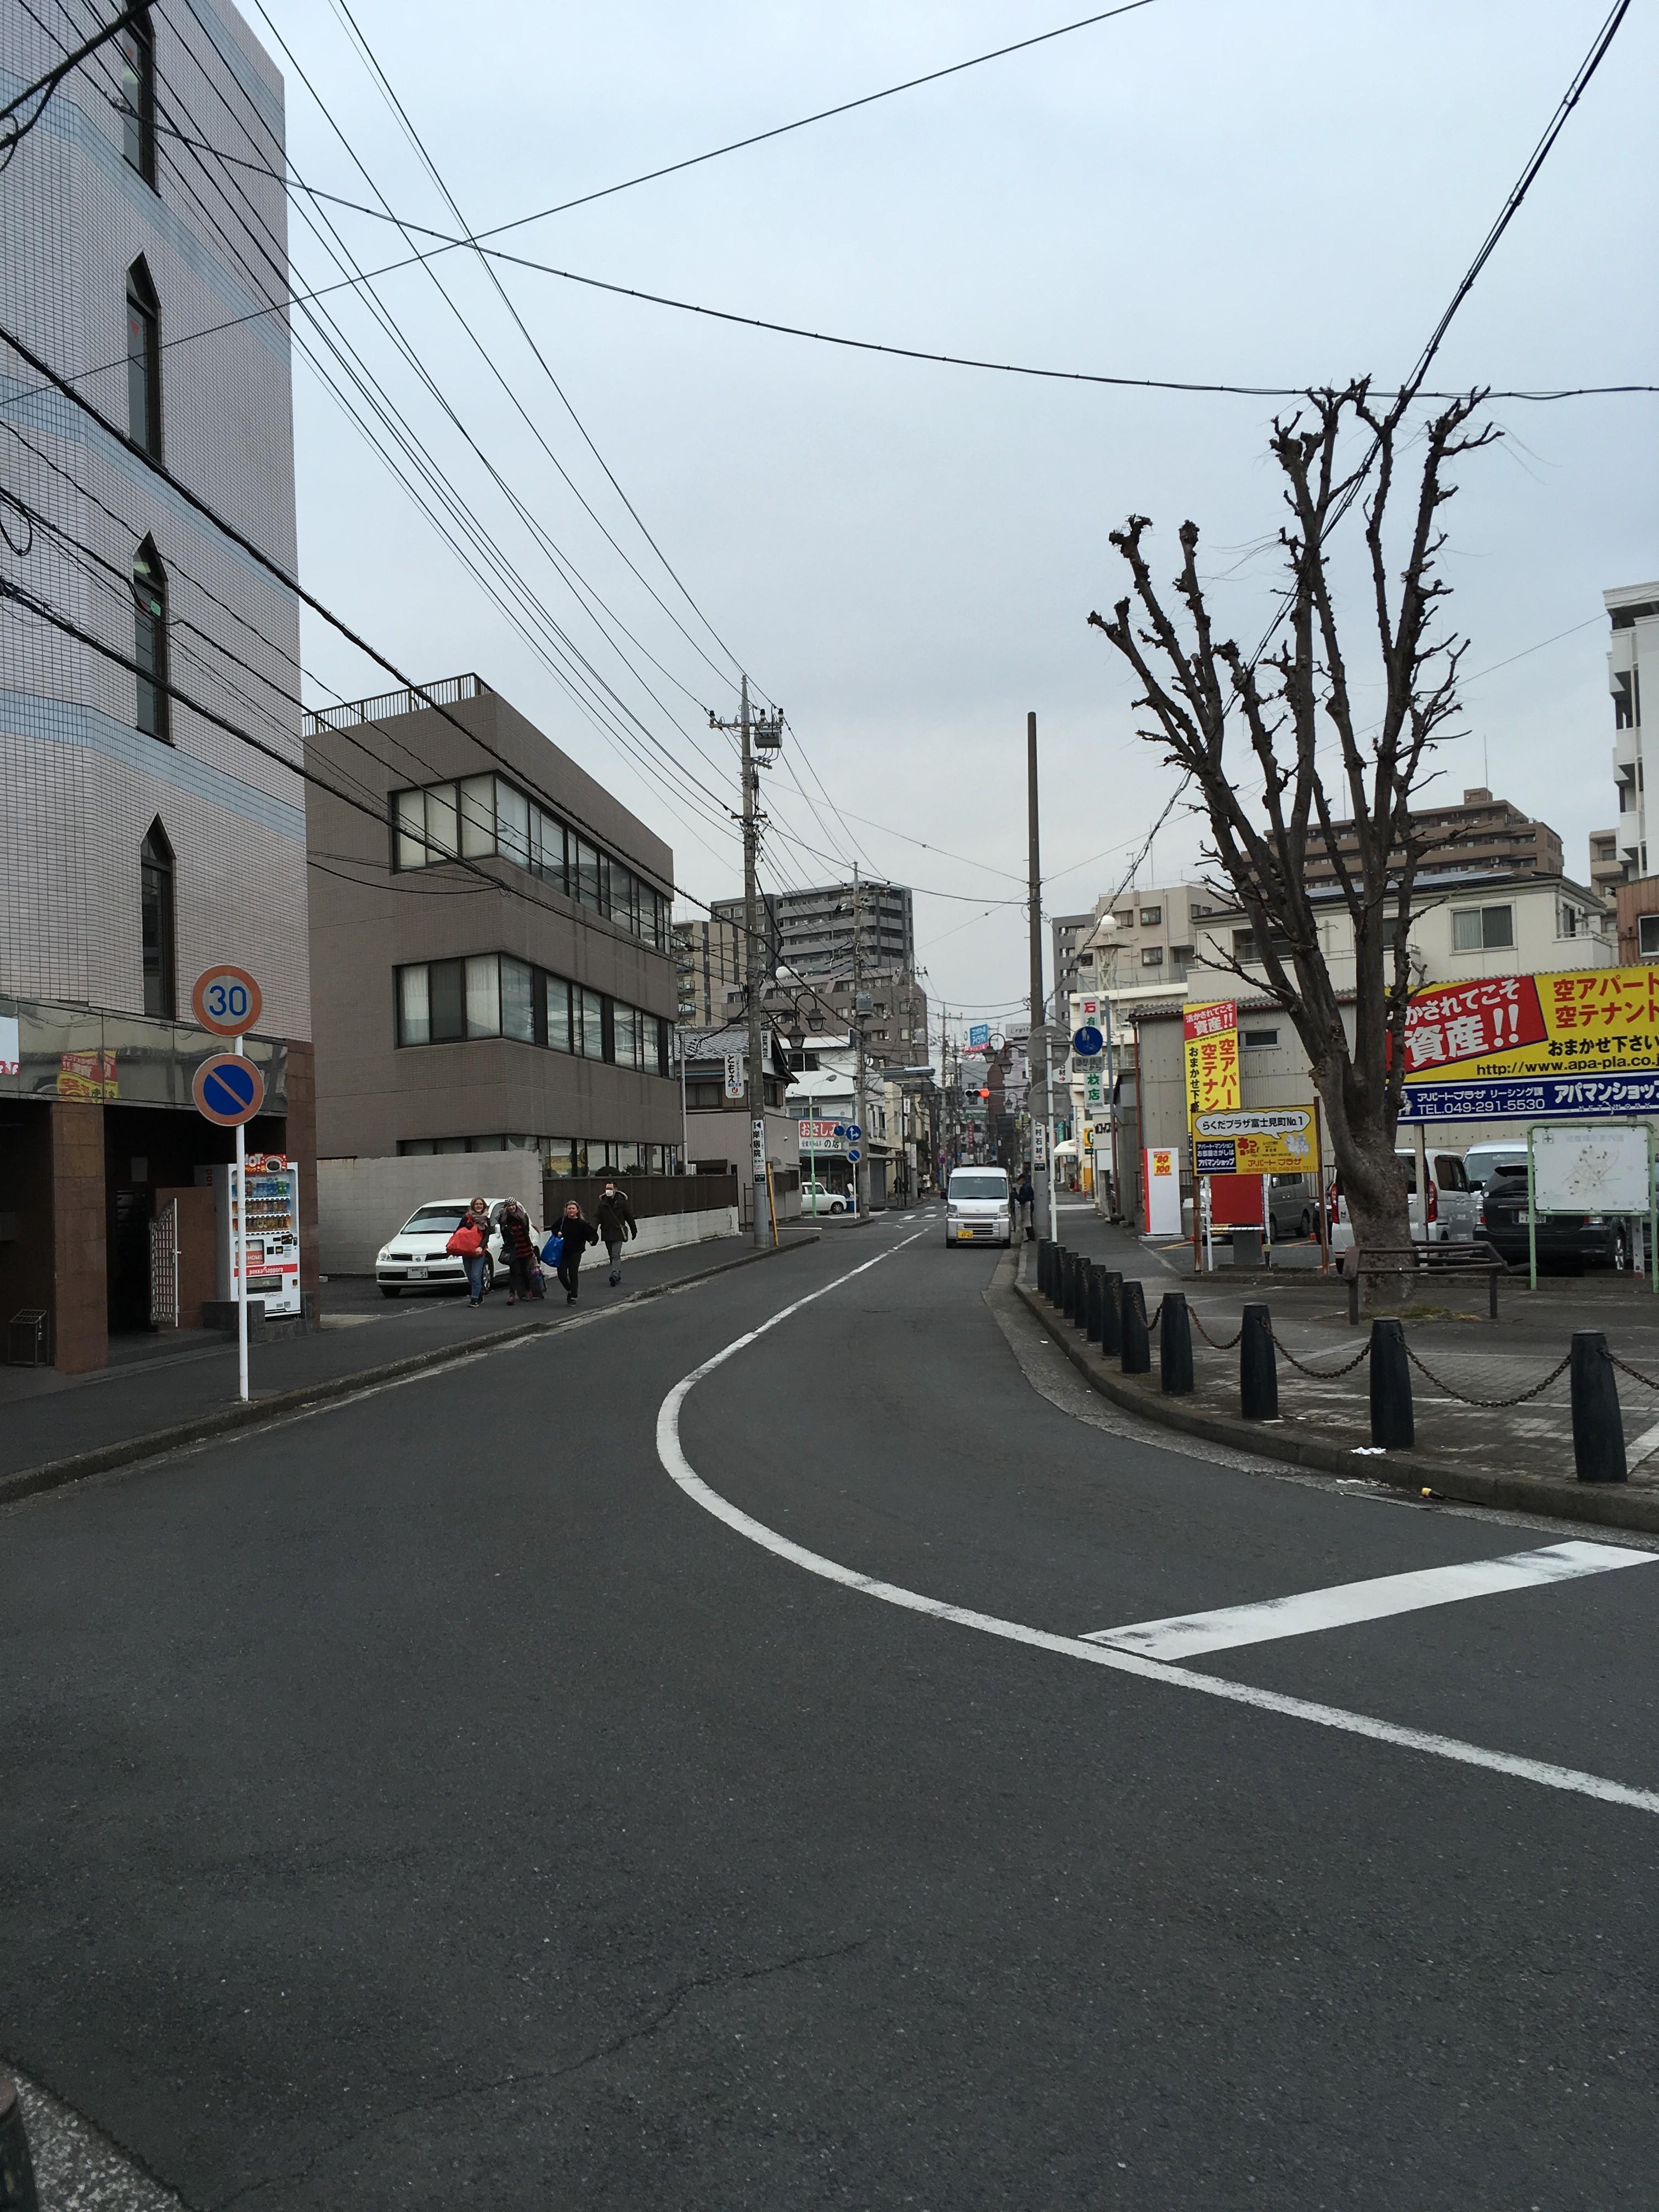 〒350-0033埼玉県川越市富士見町